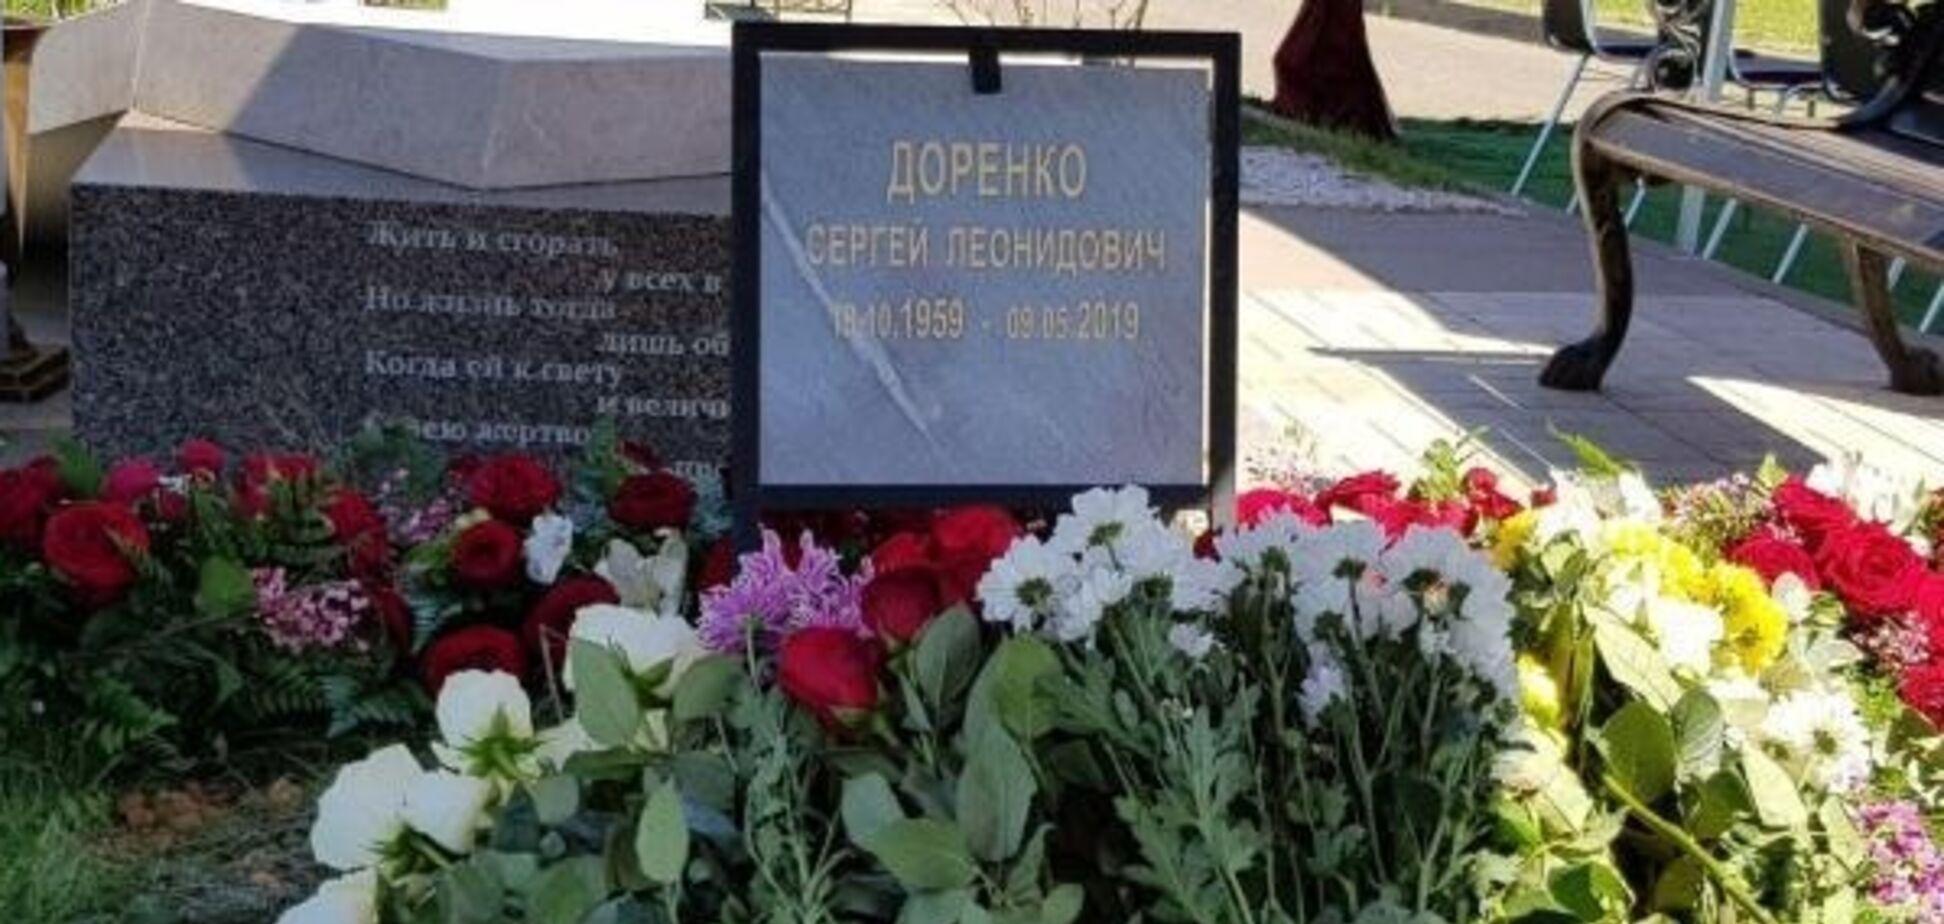 Развеют в Крыму: появились фото с похорон Доренко